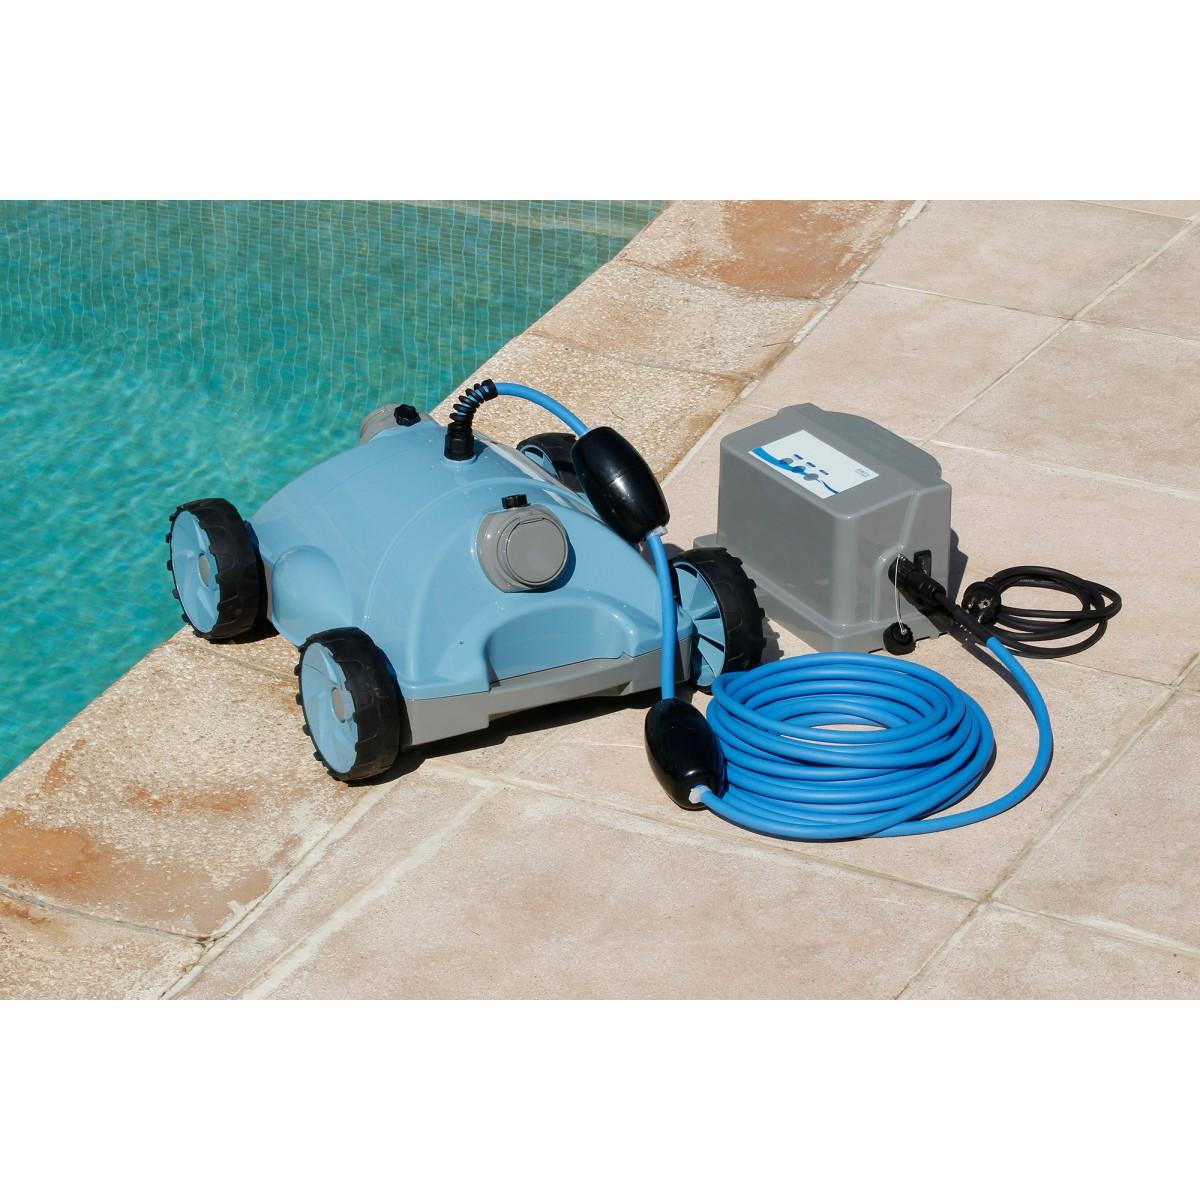 Robot de piscine Robotclean 2 Pool - Ubbink